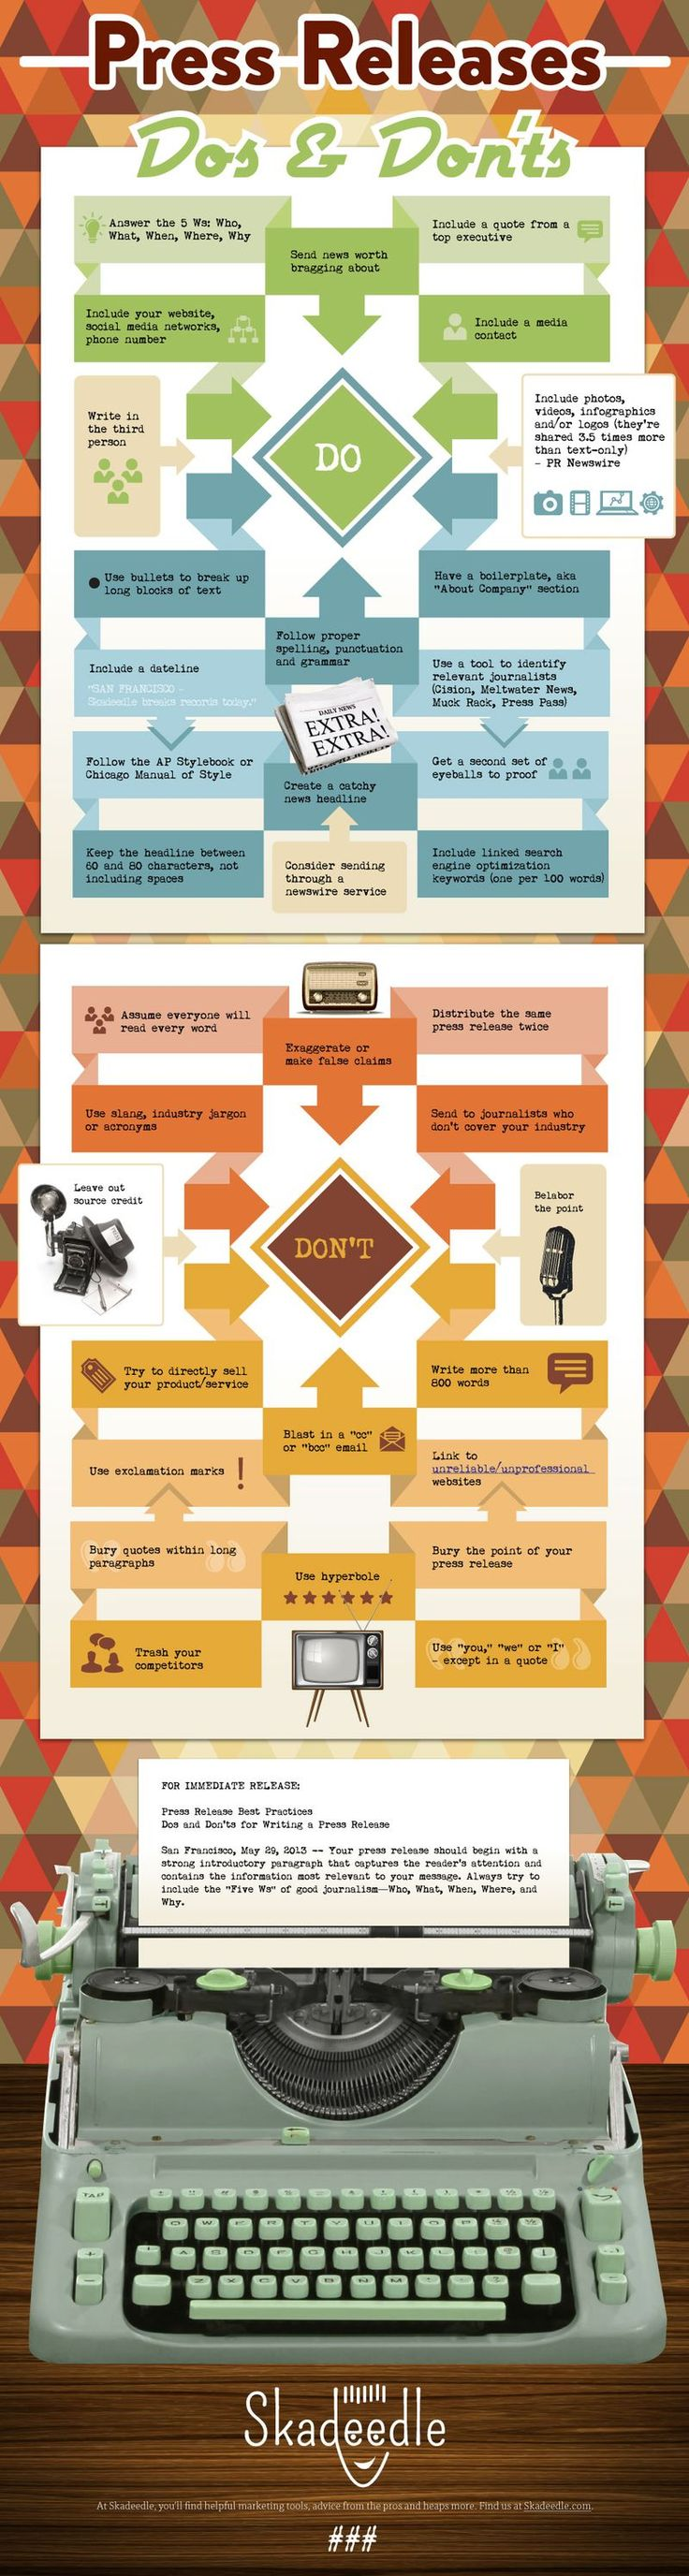 Handige checklist met do's & don'ts rondom het schrijven en verspreiden van een persbericht #pr #communicatie